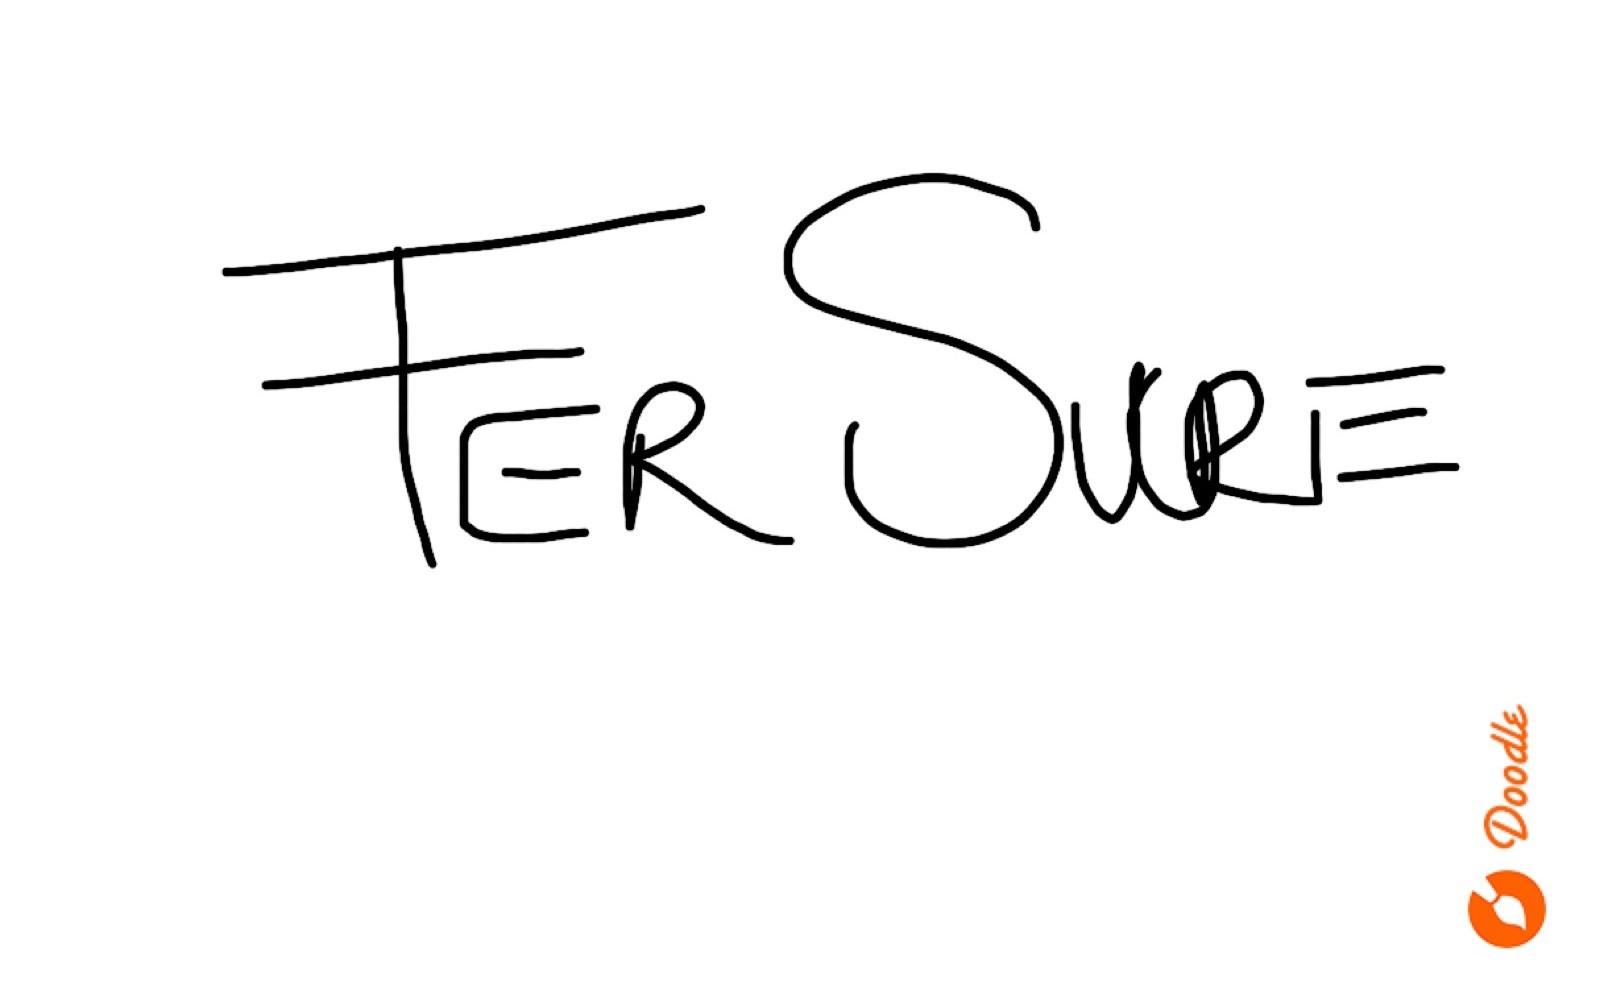 Fernando  Sucre's Signature